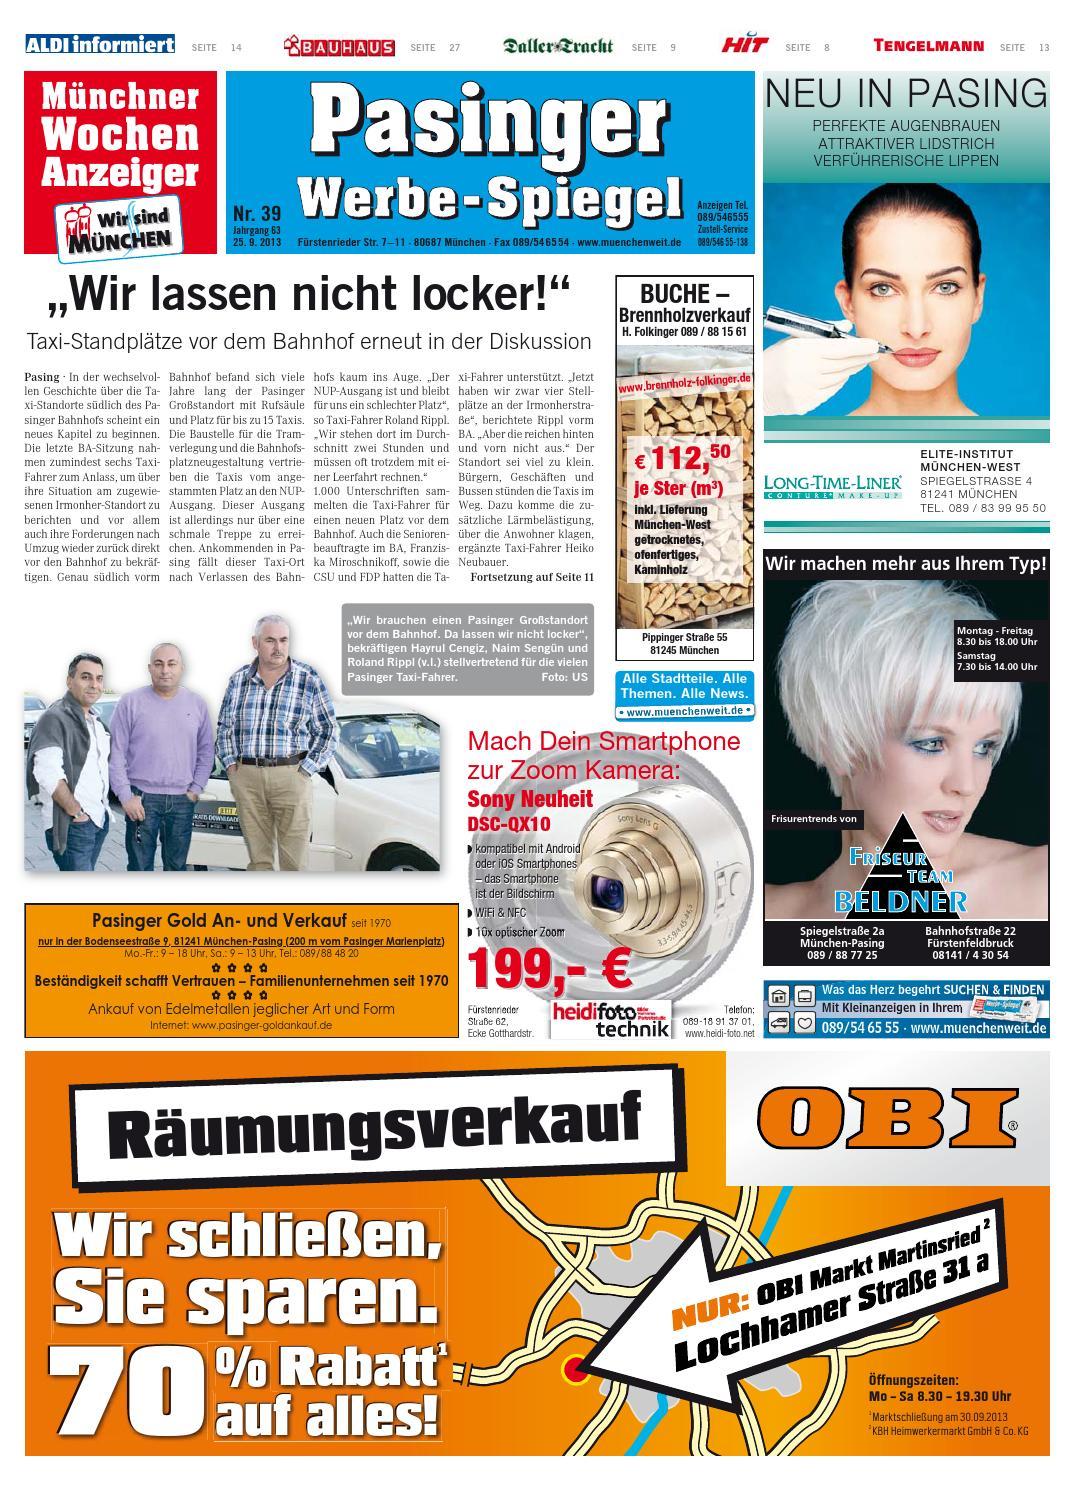 Friseurstühle Kompetent Verkauf Wie Heiße Kuchen Friseurstuhl . Friseur Stuhl.